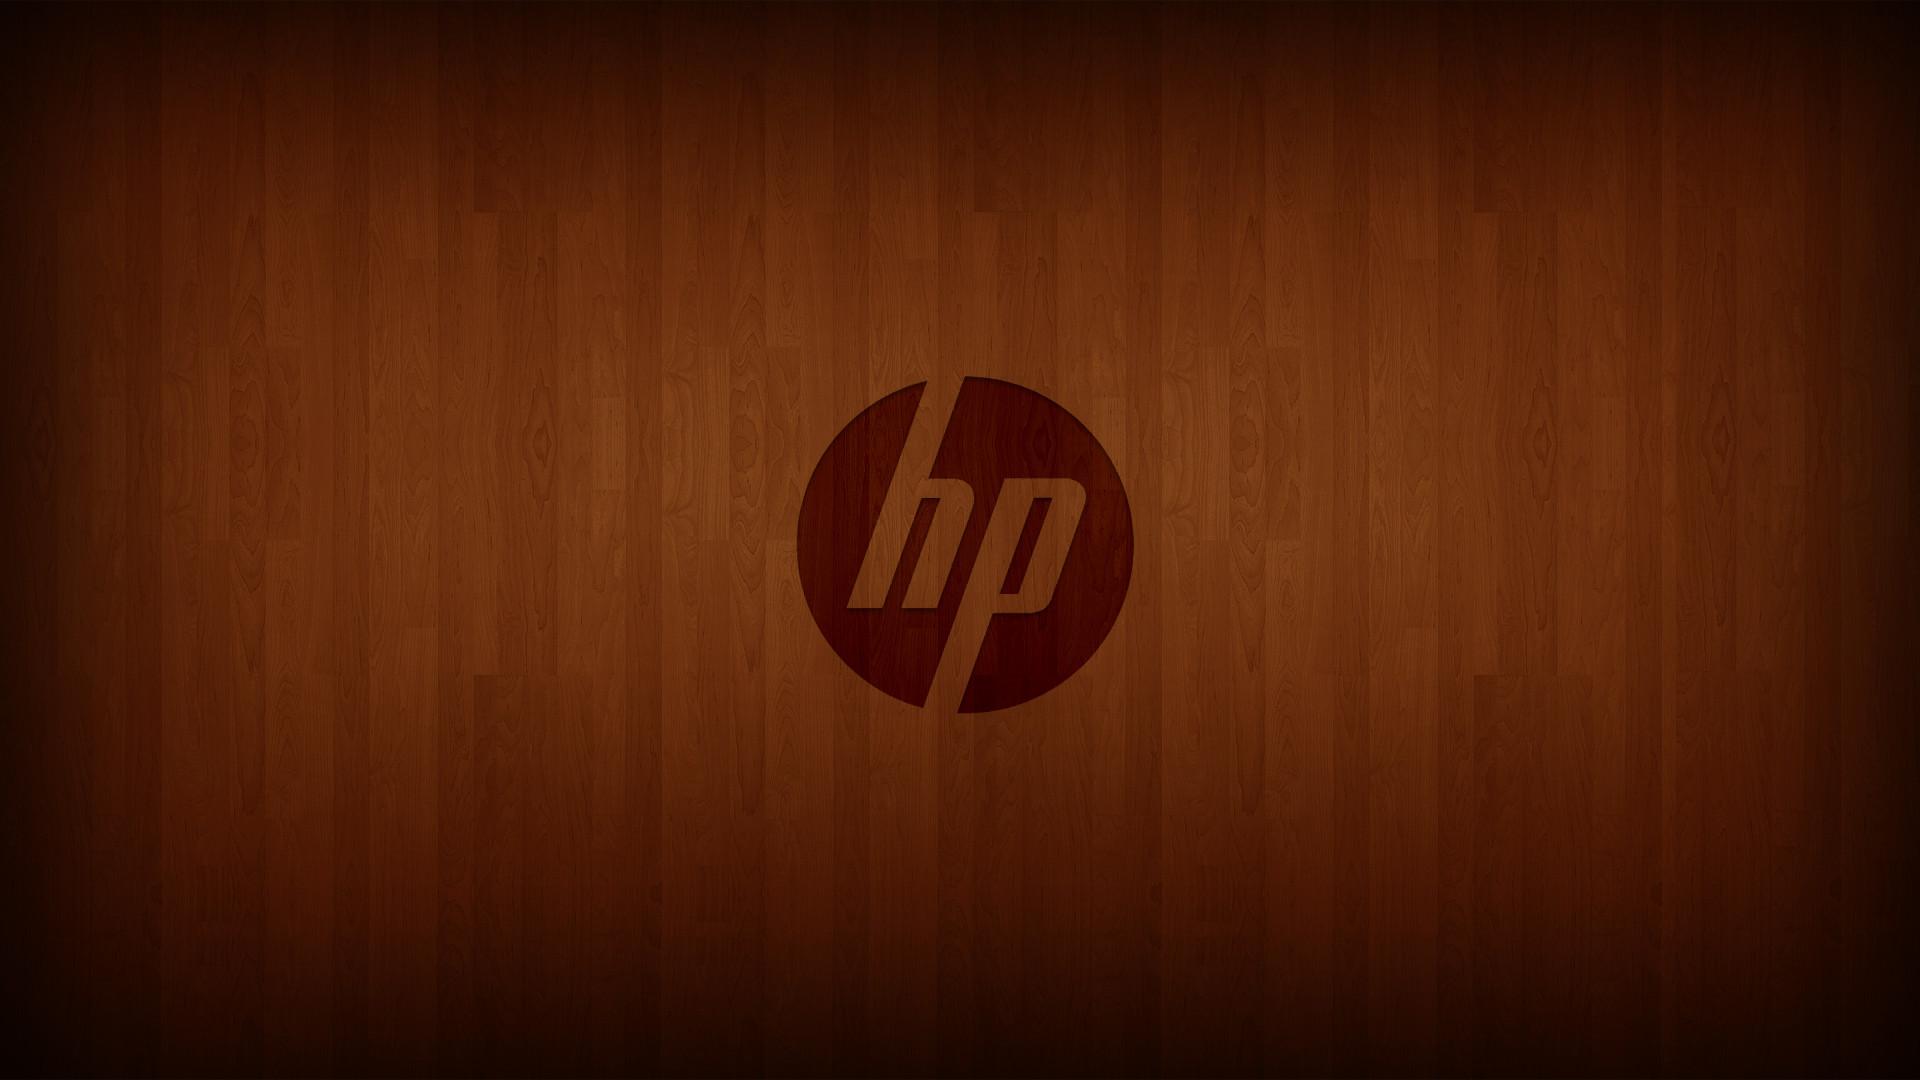 Hp screensavers and wallpaper 59 images - Hp screensaver ...